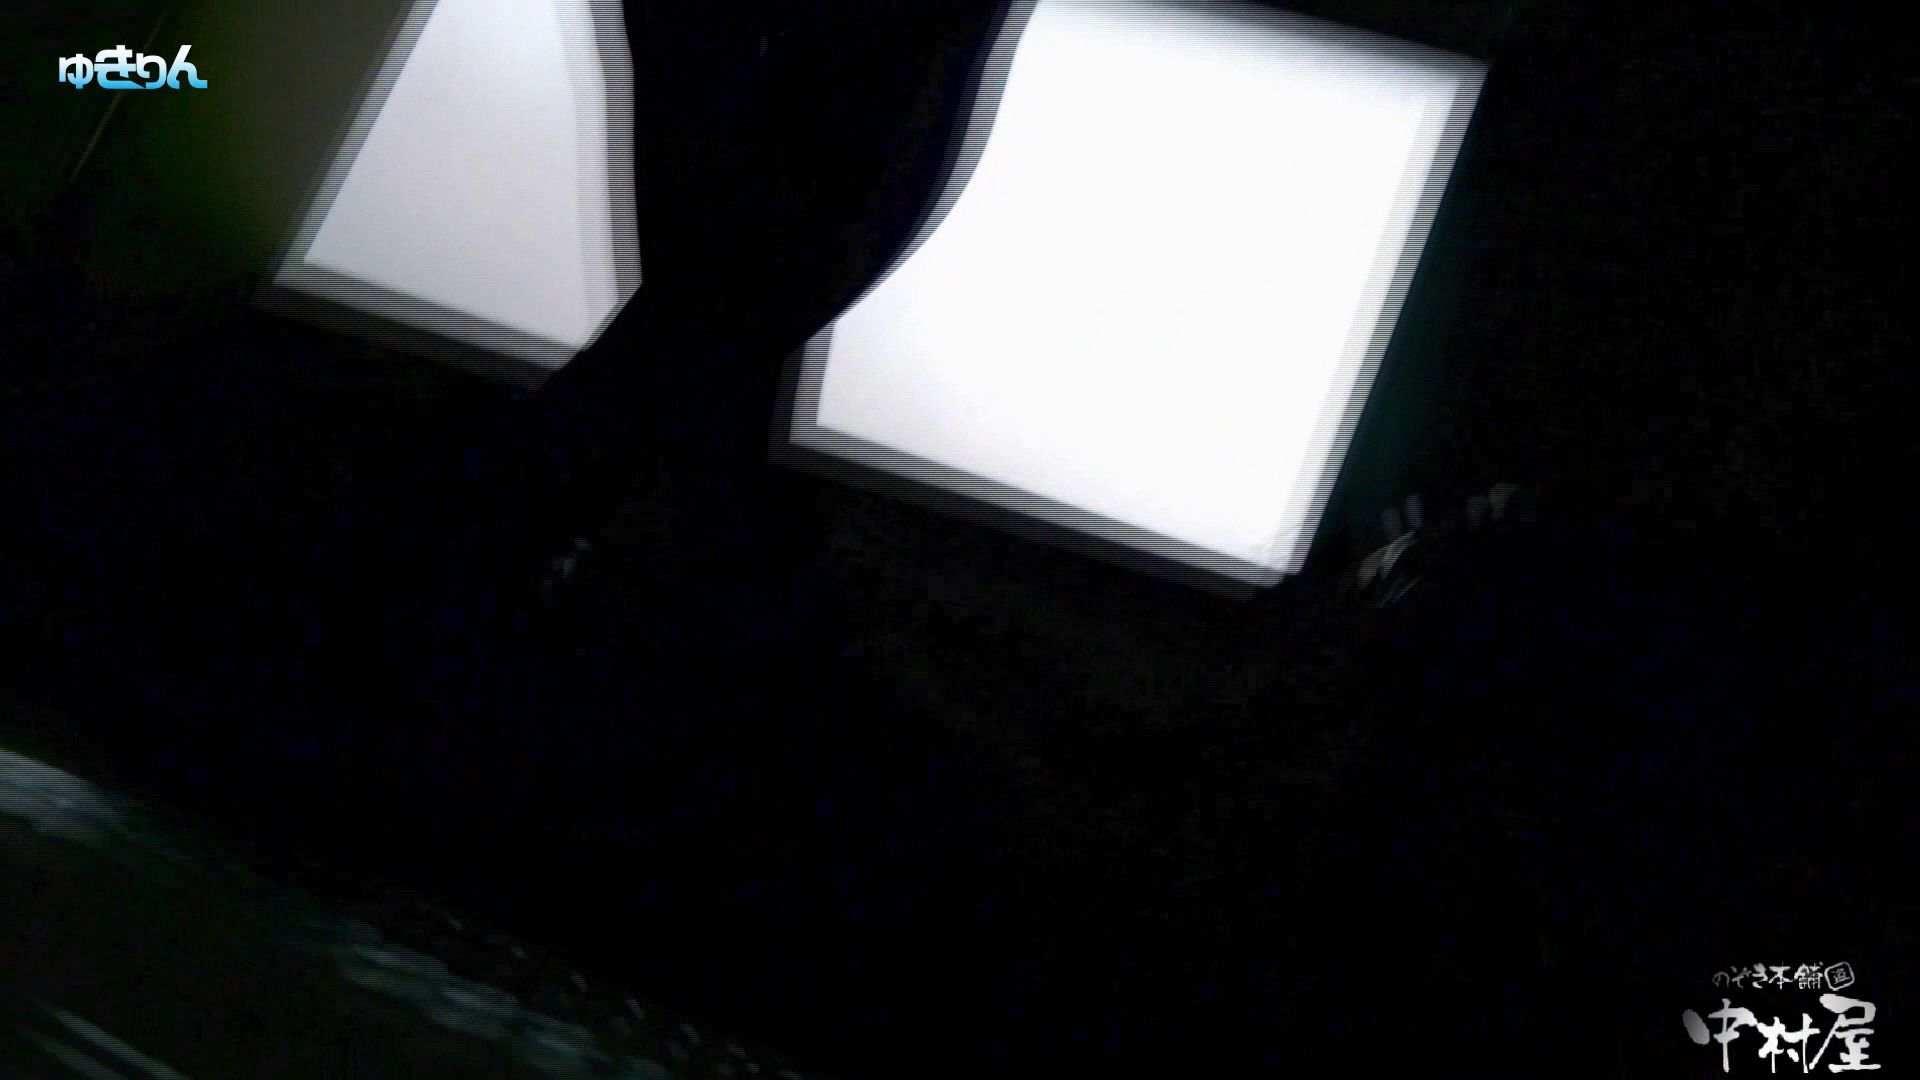 世界の射窓から~ステーション編~ vol56 すごいM字開脚してくれます。後編 盗撮シリーズ | おまんこ見放題  85PIX 13